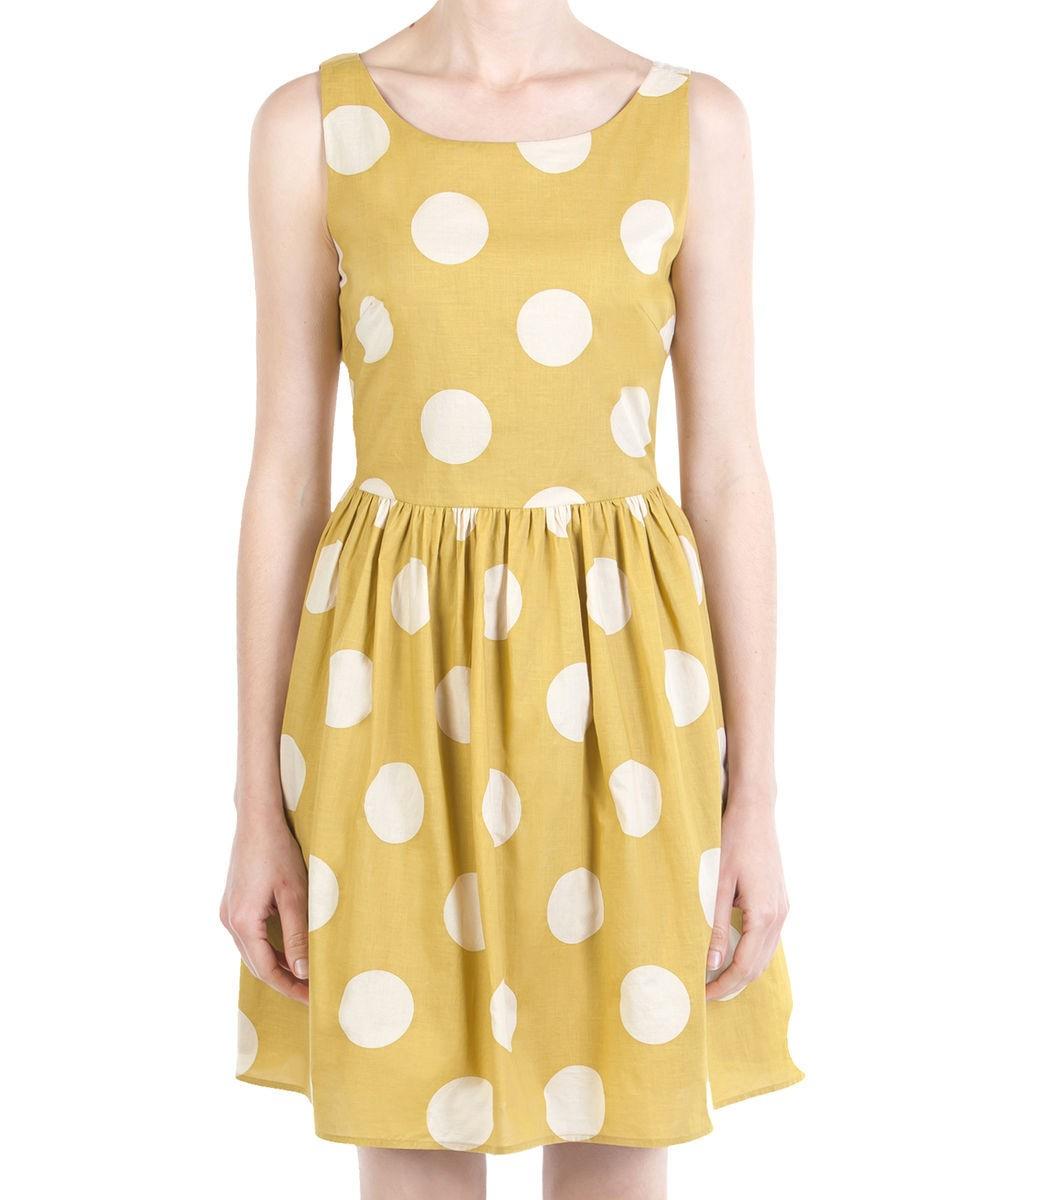 Dolly Dot Dress